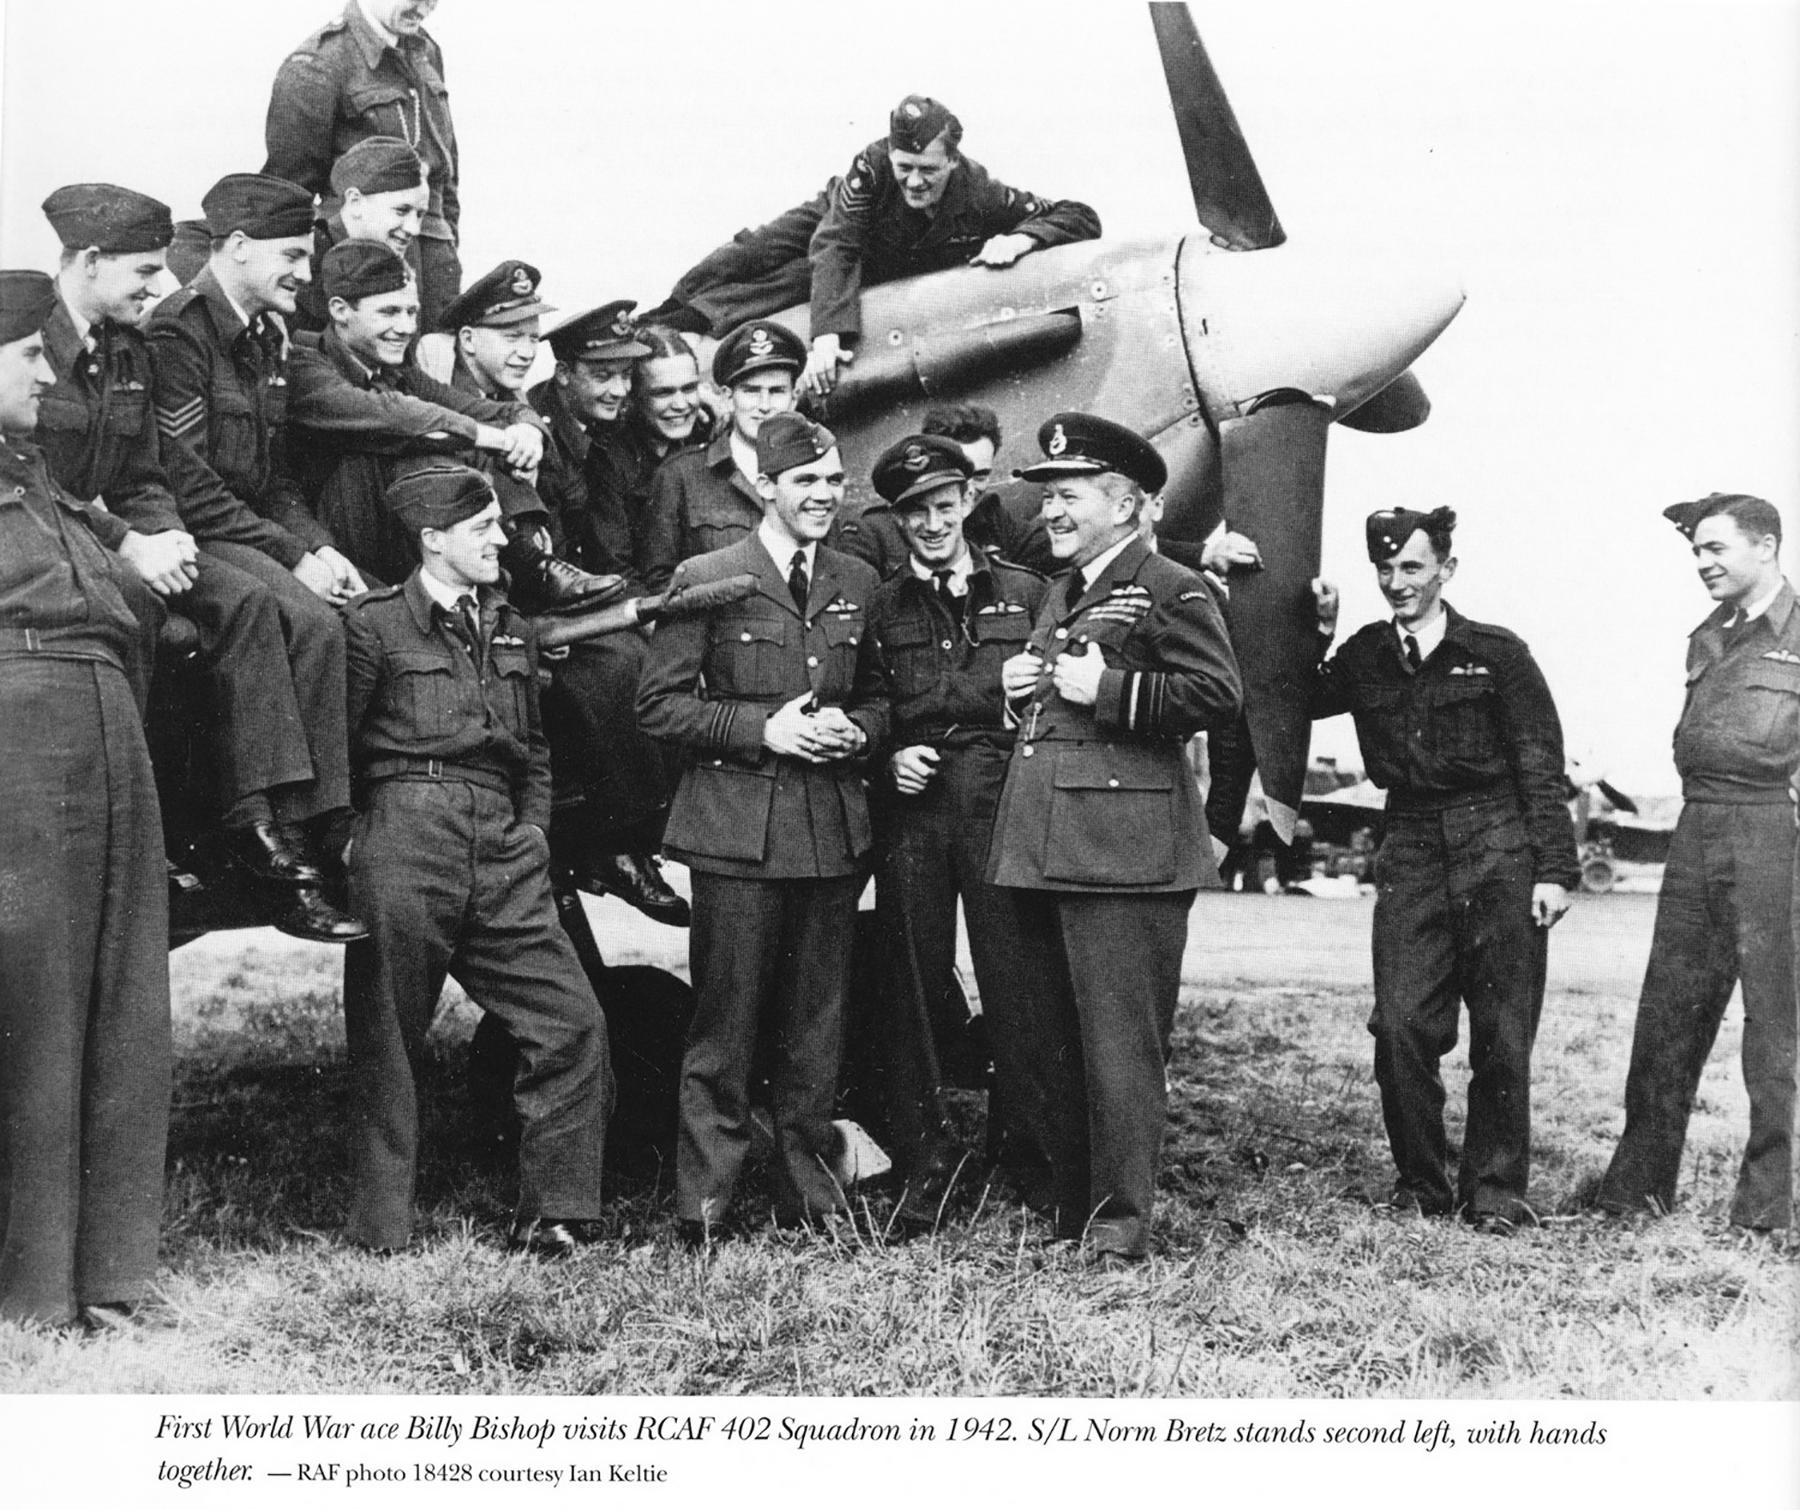 Aircrew RCAF 402Sqn SqnLdr Norm Bretz and pilots 1942 01